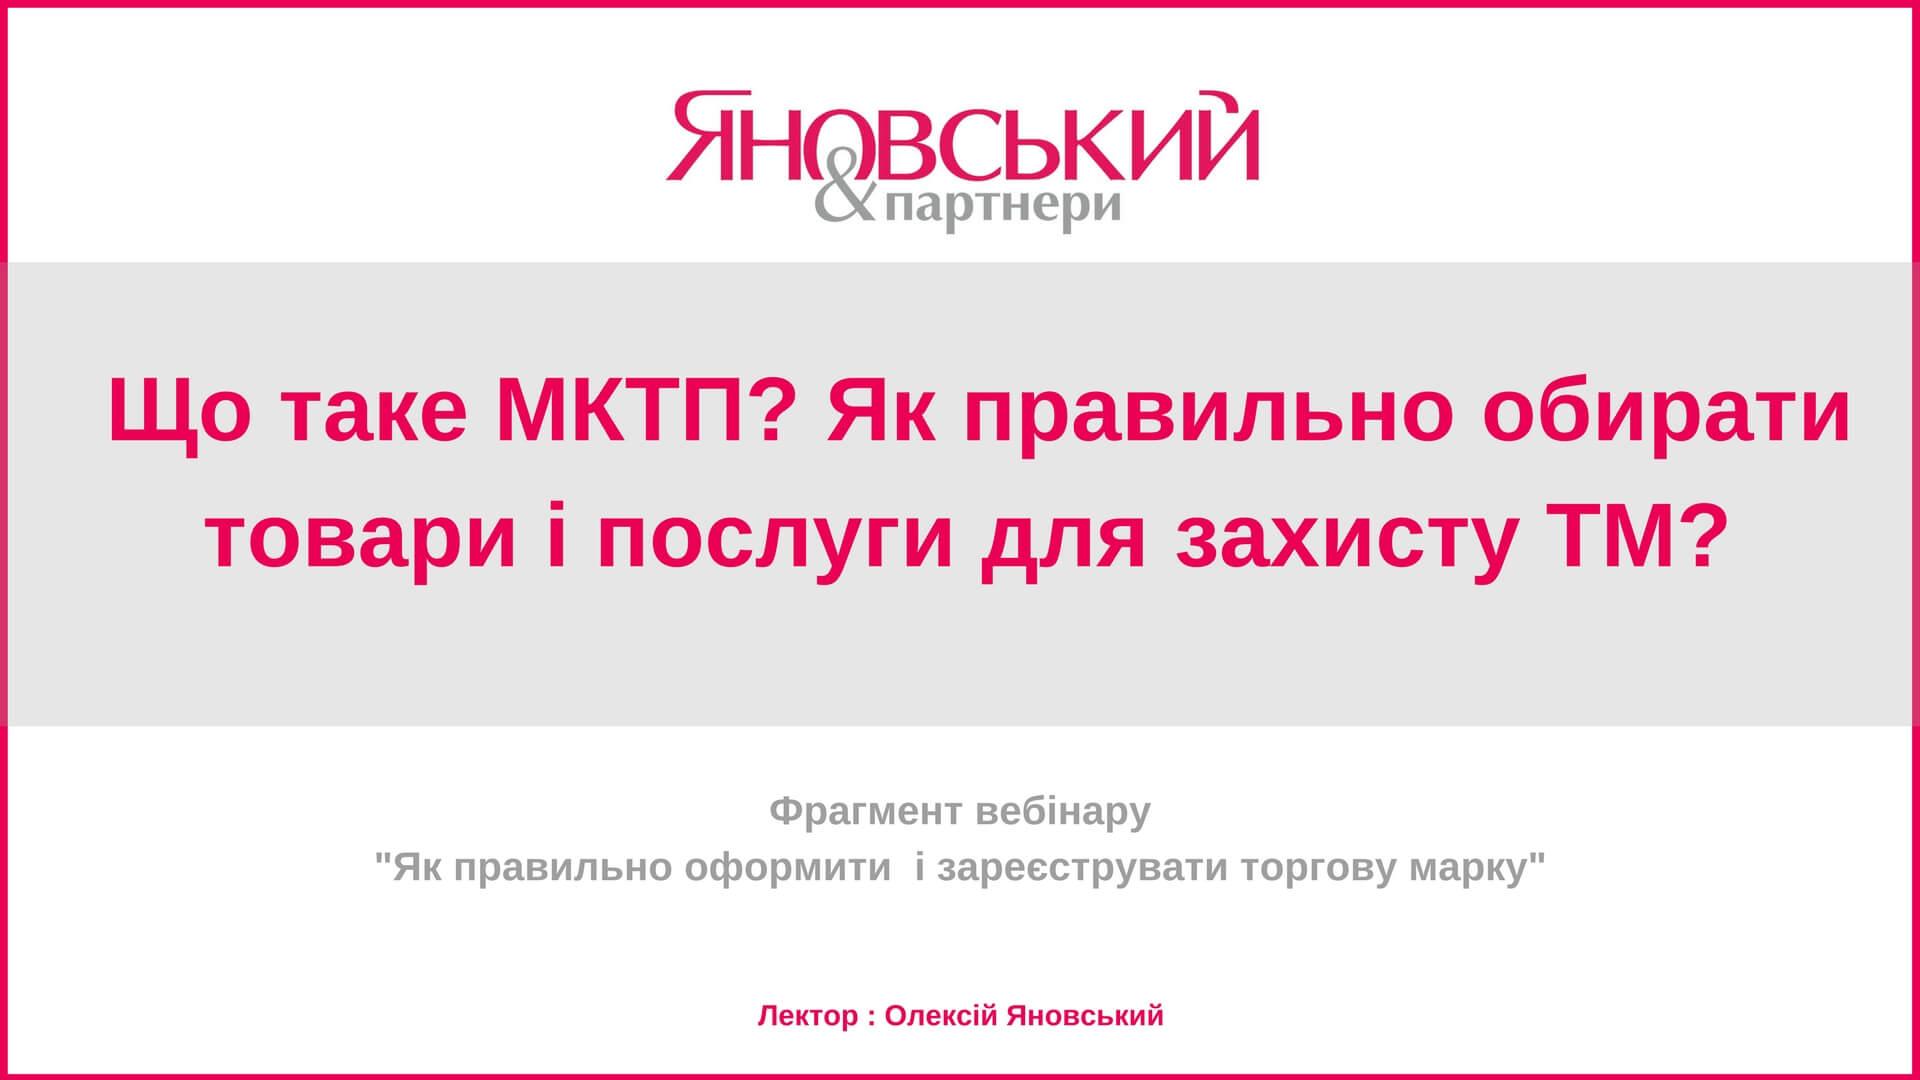 Що таке МКТП? Як правильно обирати товари і послуги для захисту ТМ? (відеопублікація)